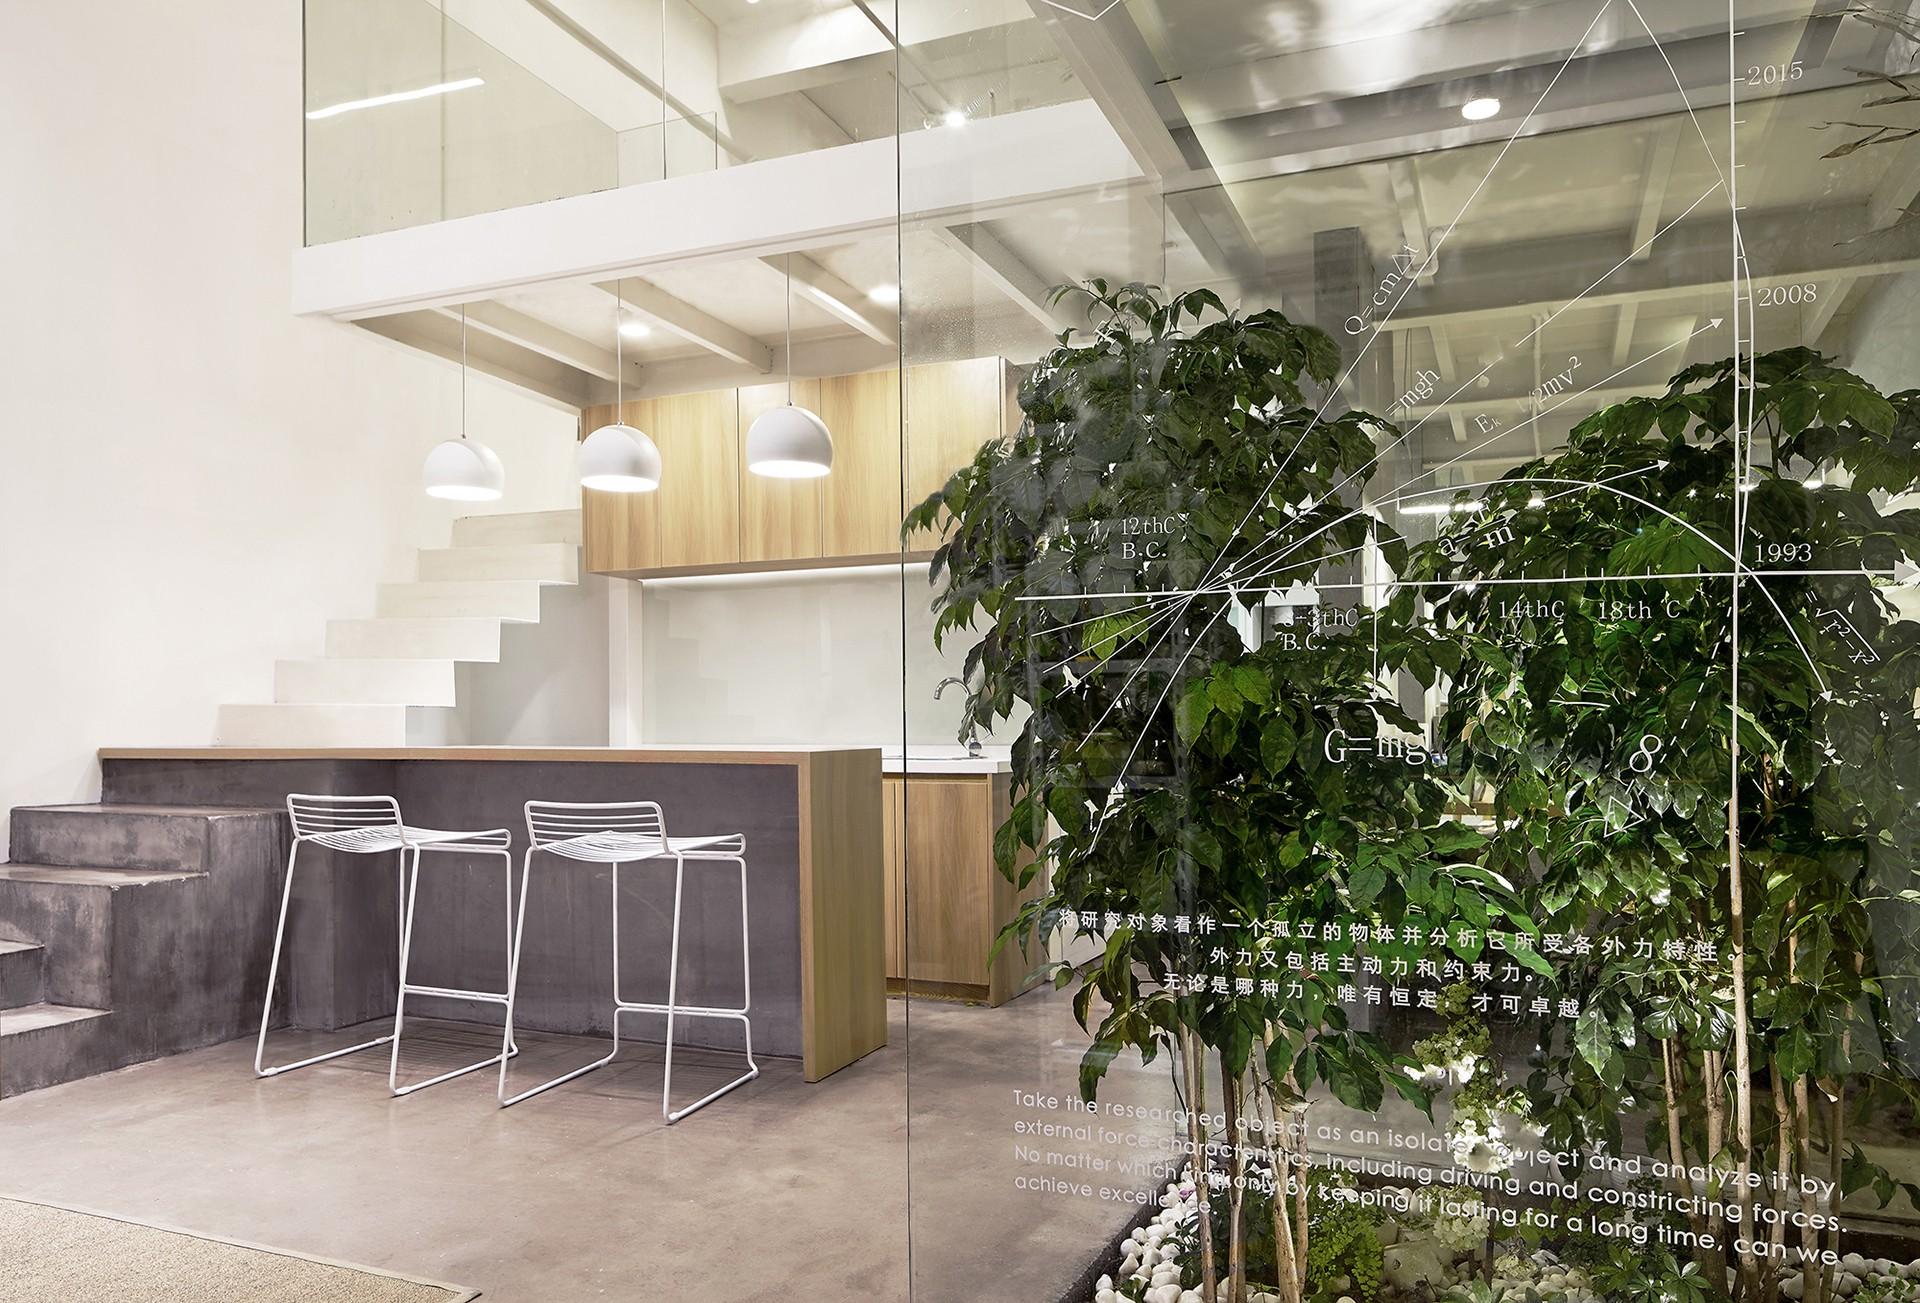 La poetica di un ufficio secondo Muxin Design Research